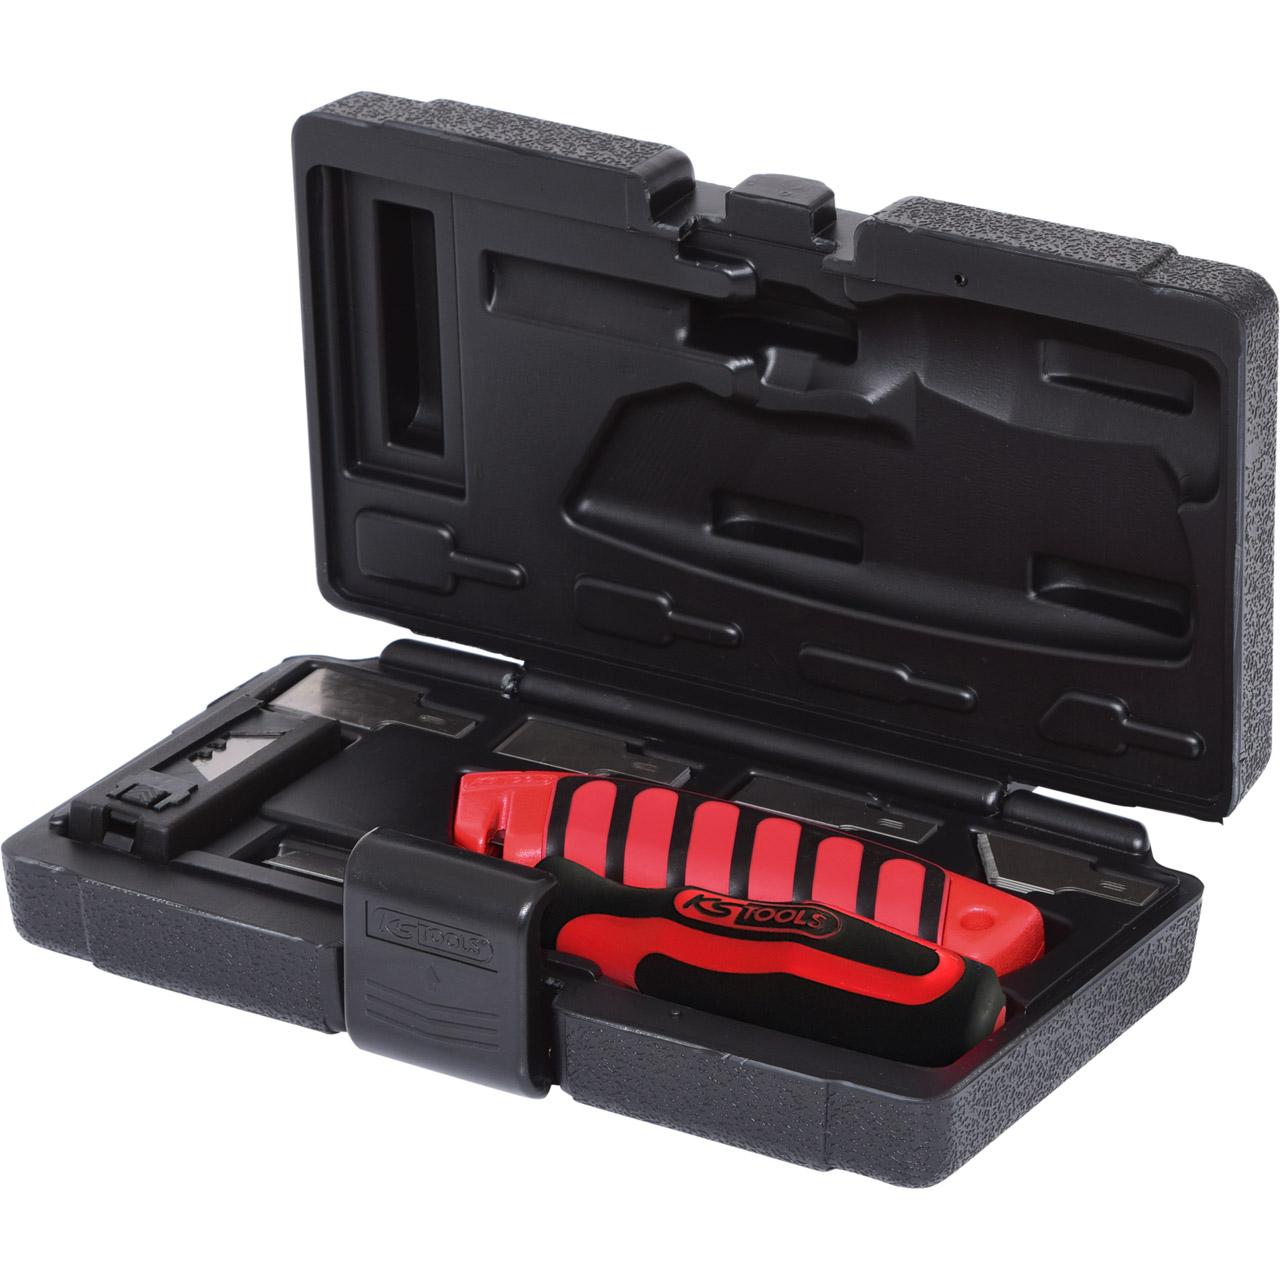 KS TOOLS 907.2200 Schaber-/Messersatz im Koffer Schaber Cuttermesser 27-teilig